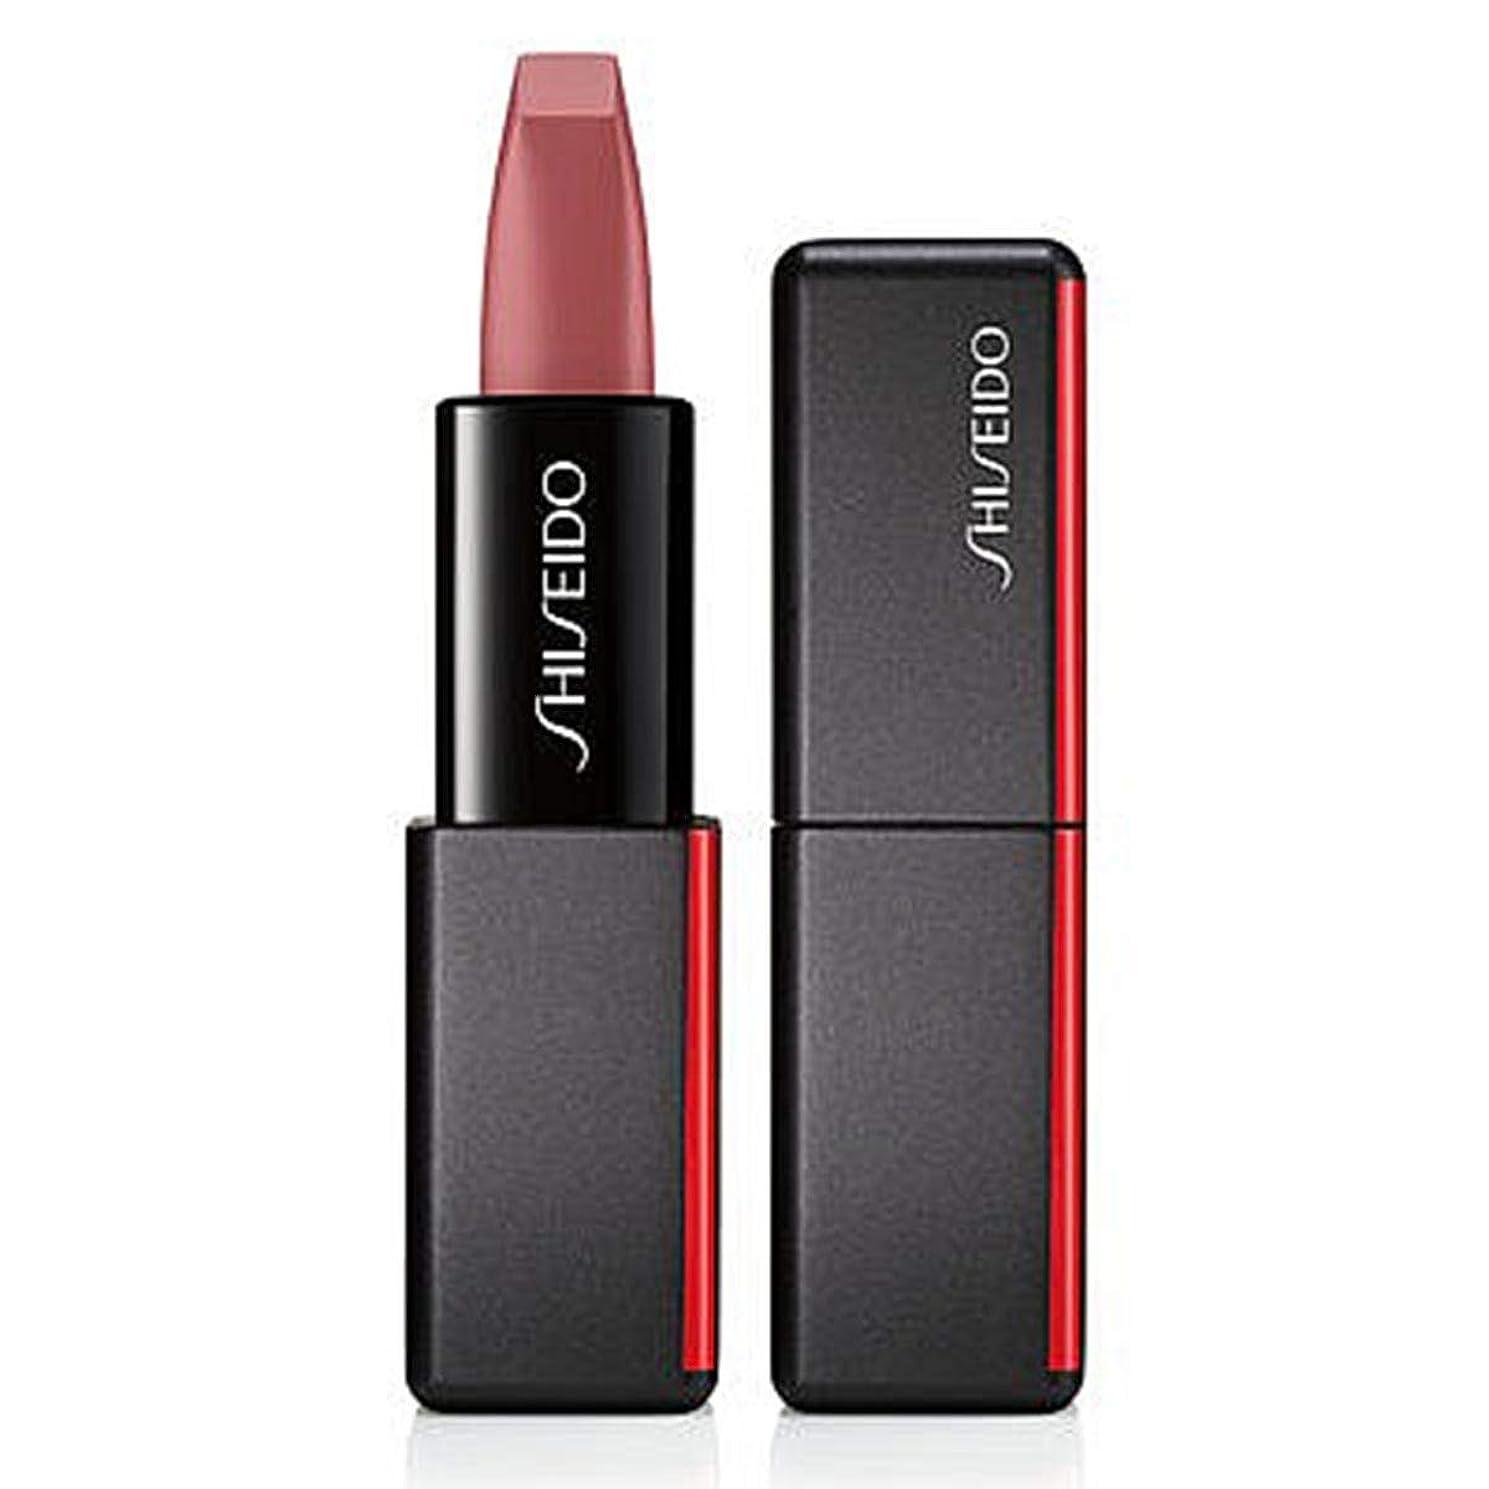 道徳教育アラブ憂鬱な資生堂 ModernMatte Powder Lipstick - # 506 Disrobed (Nude Rose) 4g/0.14oz並行輸入品